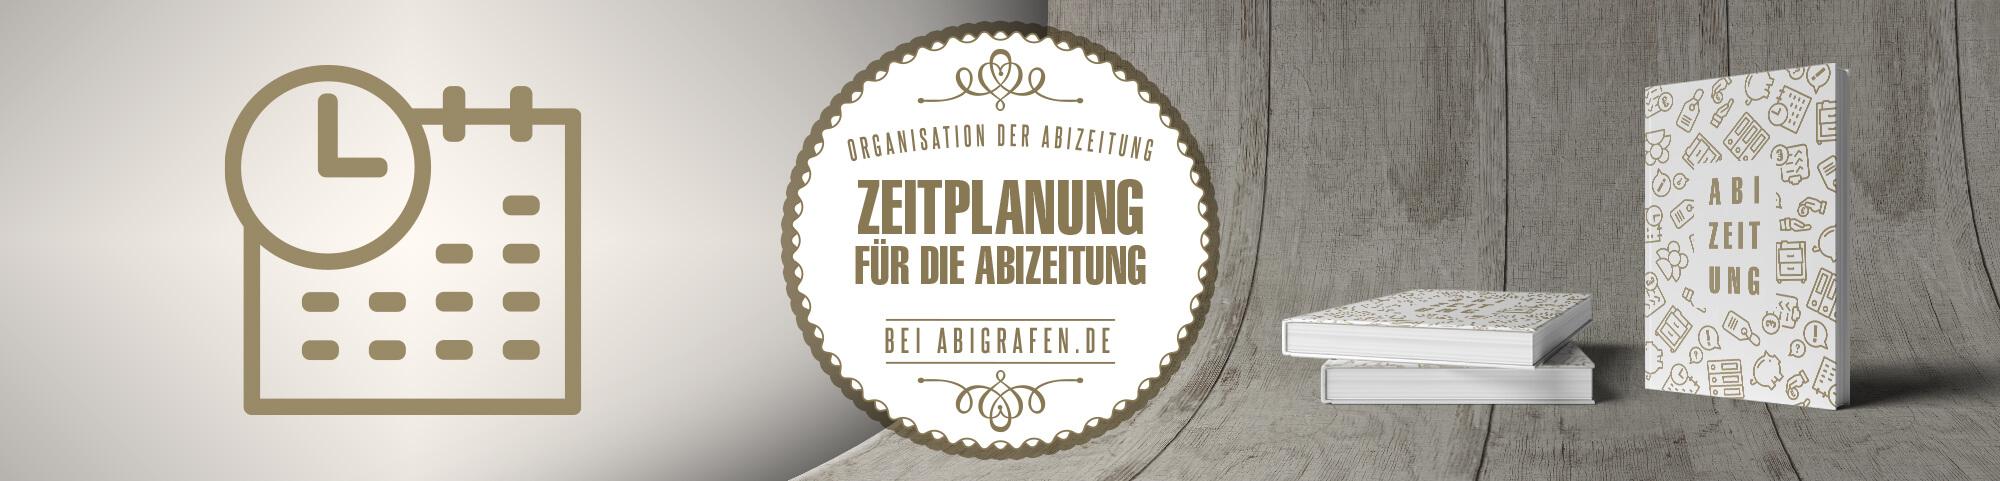 Organisation der Abizeitung: Terminierung / Zeitplan / Zeitaufwand / Arbeitsablauf für das Projekt Abizeitung / Abibuch